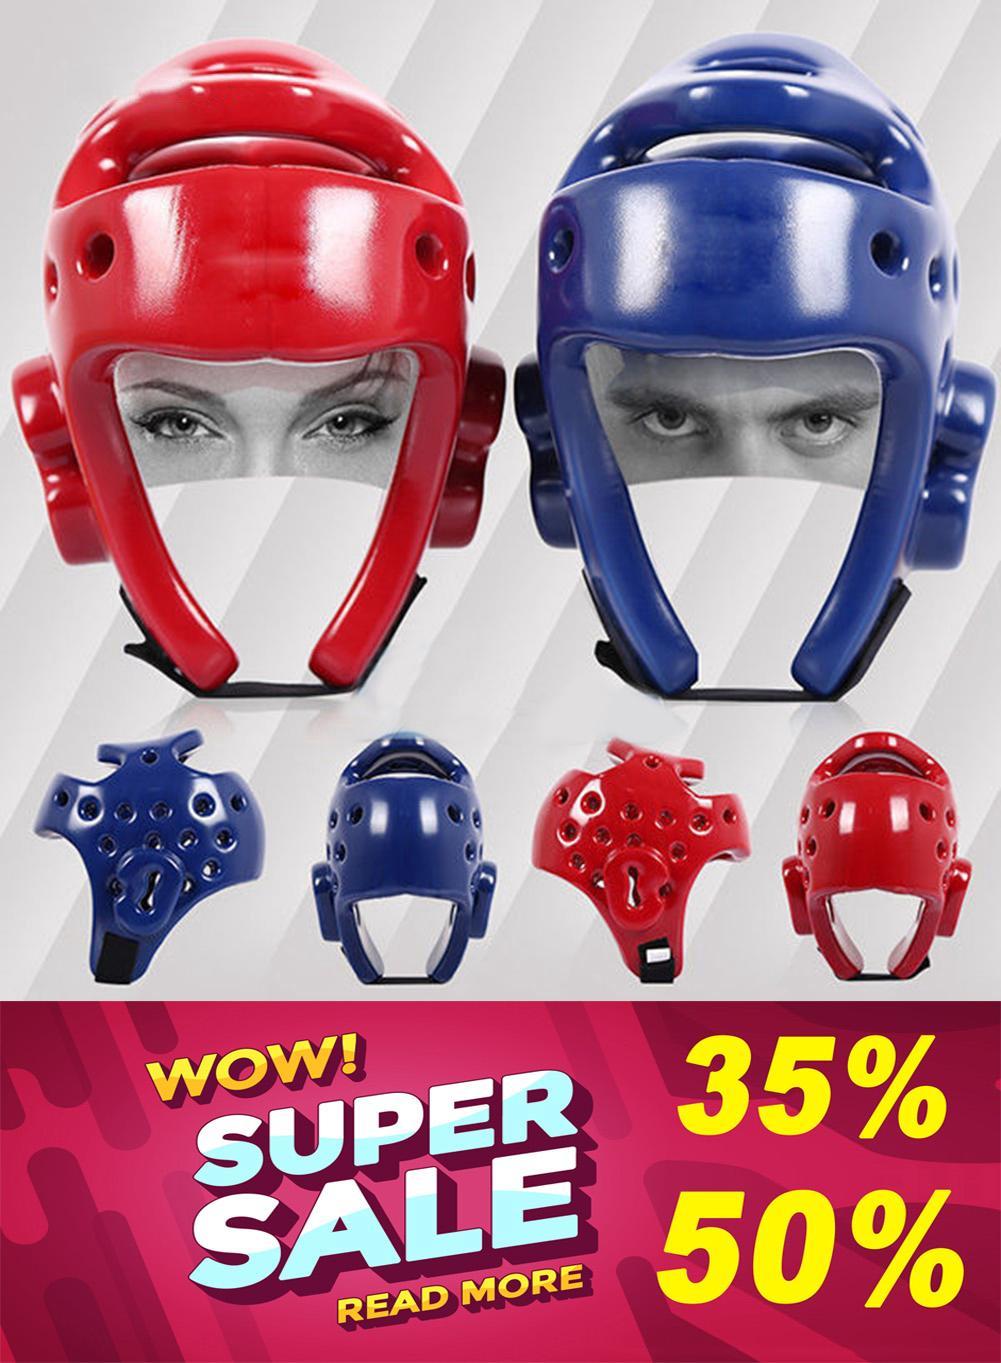 Giá Cực Tốt Khi Mua [Flash Sale] Mũ Bảo Hộ Thi đấu Taekwondo